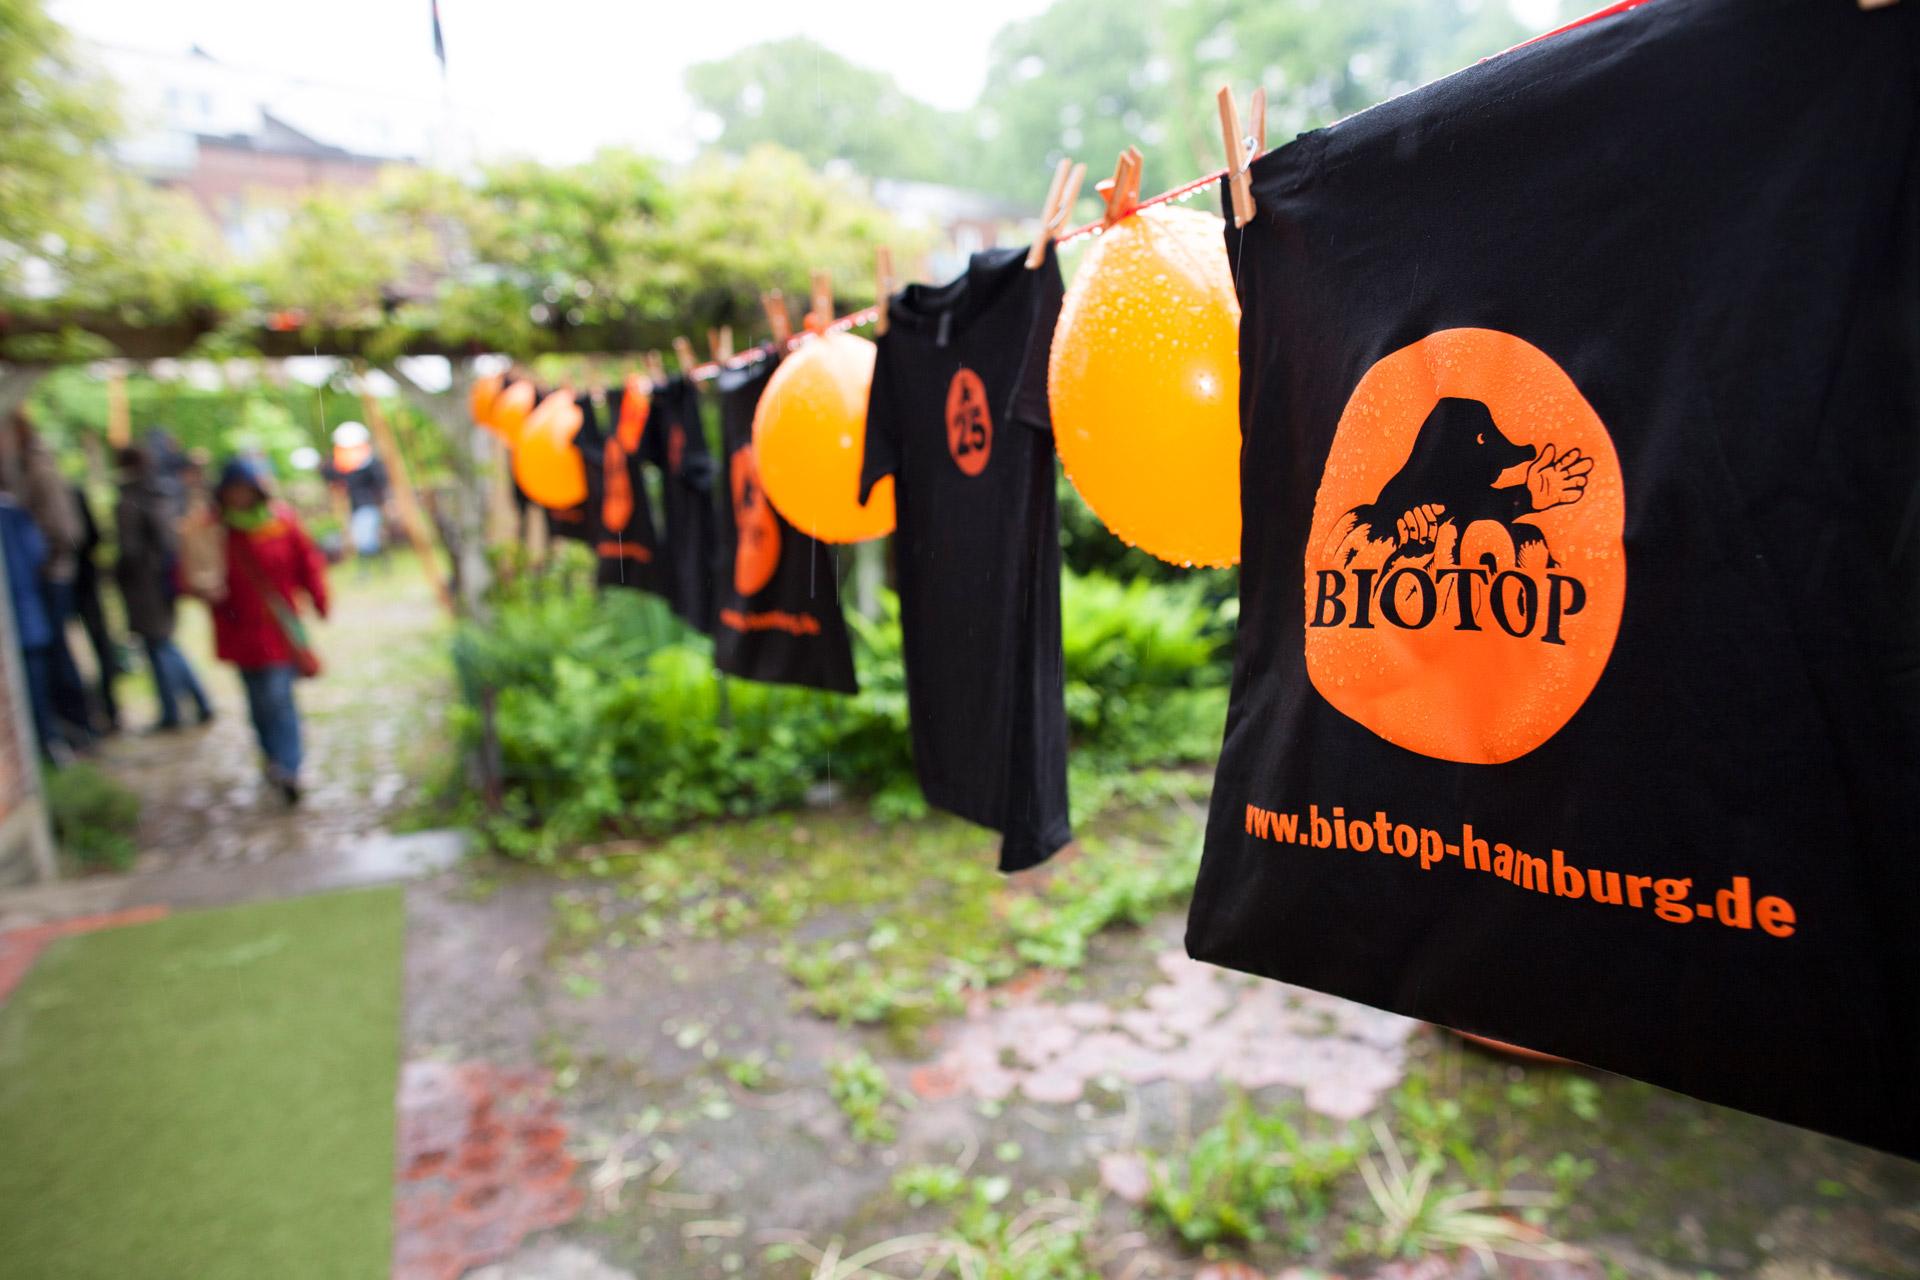 Biotop Hamburg kontakt biotop